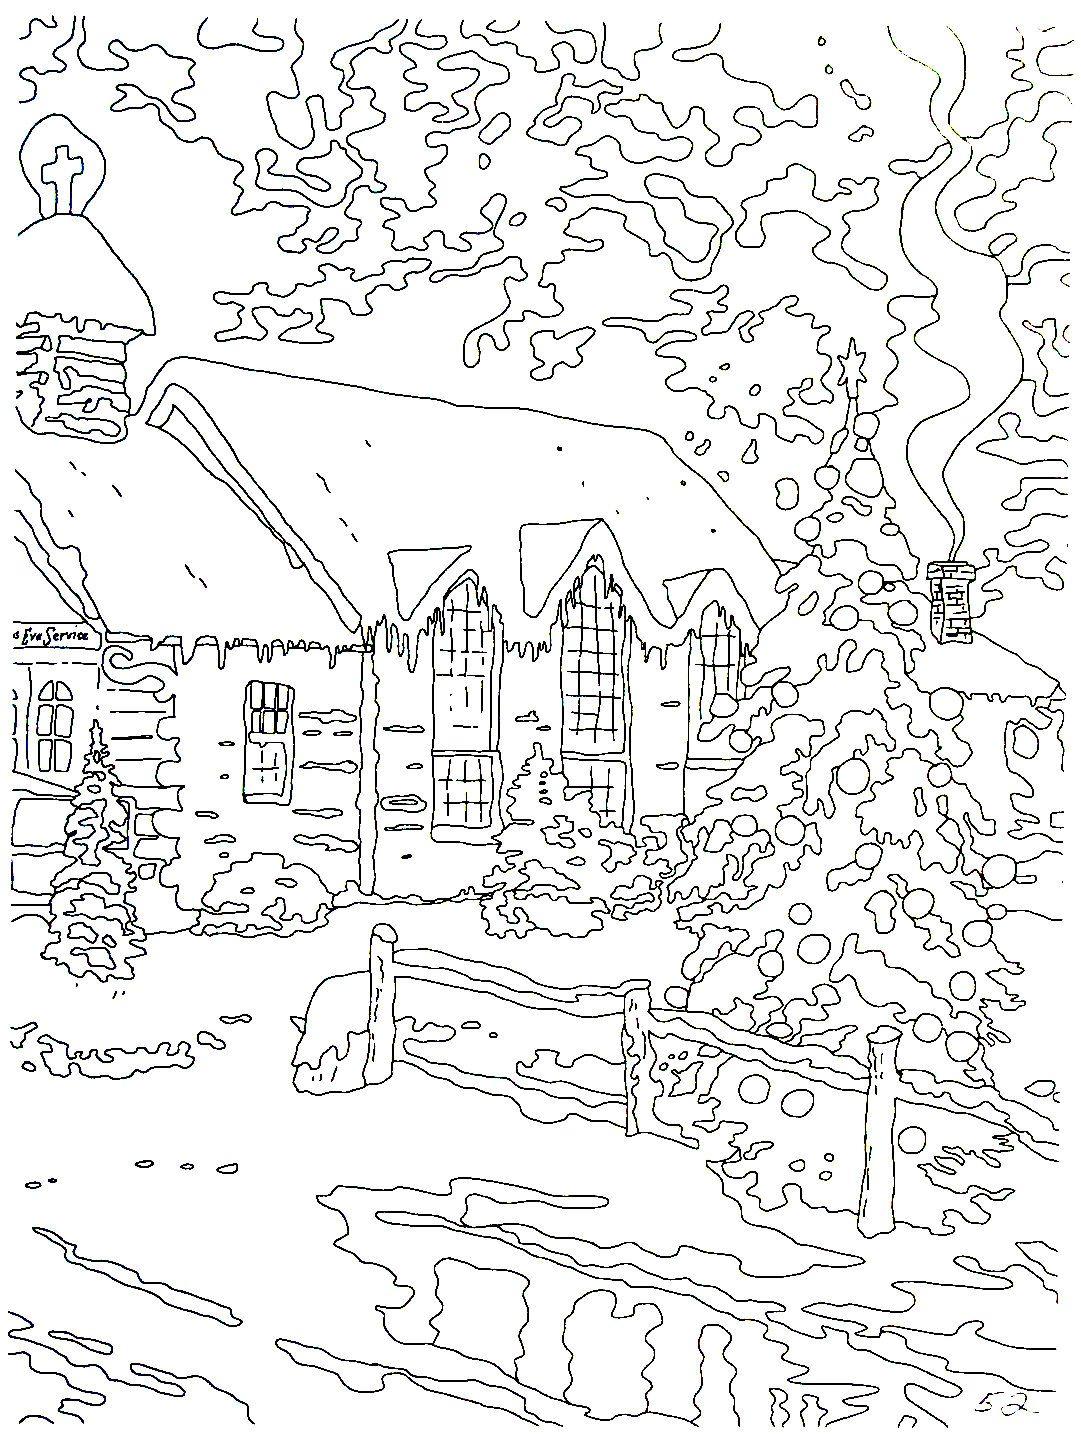 Christmas Chapel I Thomas Kinkade Painting Coloring Book Printable Page Christmas Coloring Pages Coloring Books Abstract Coloring Pages